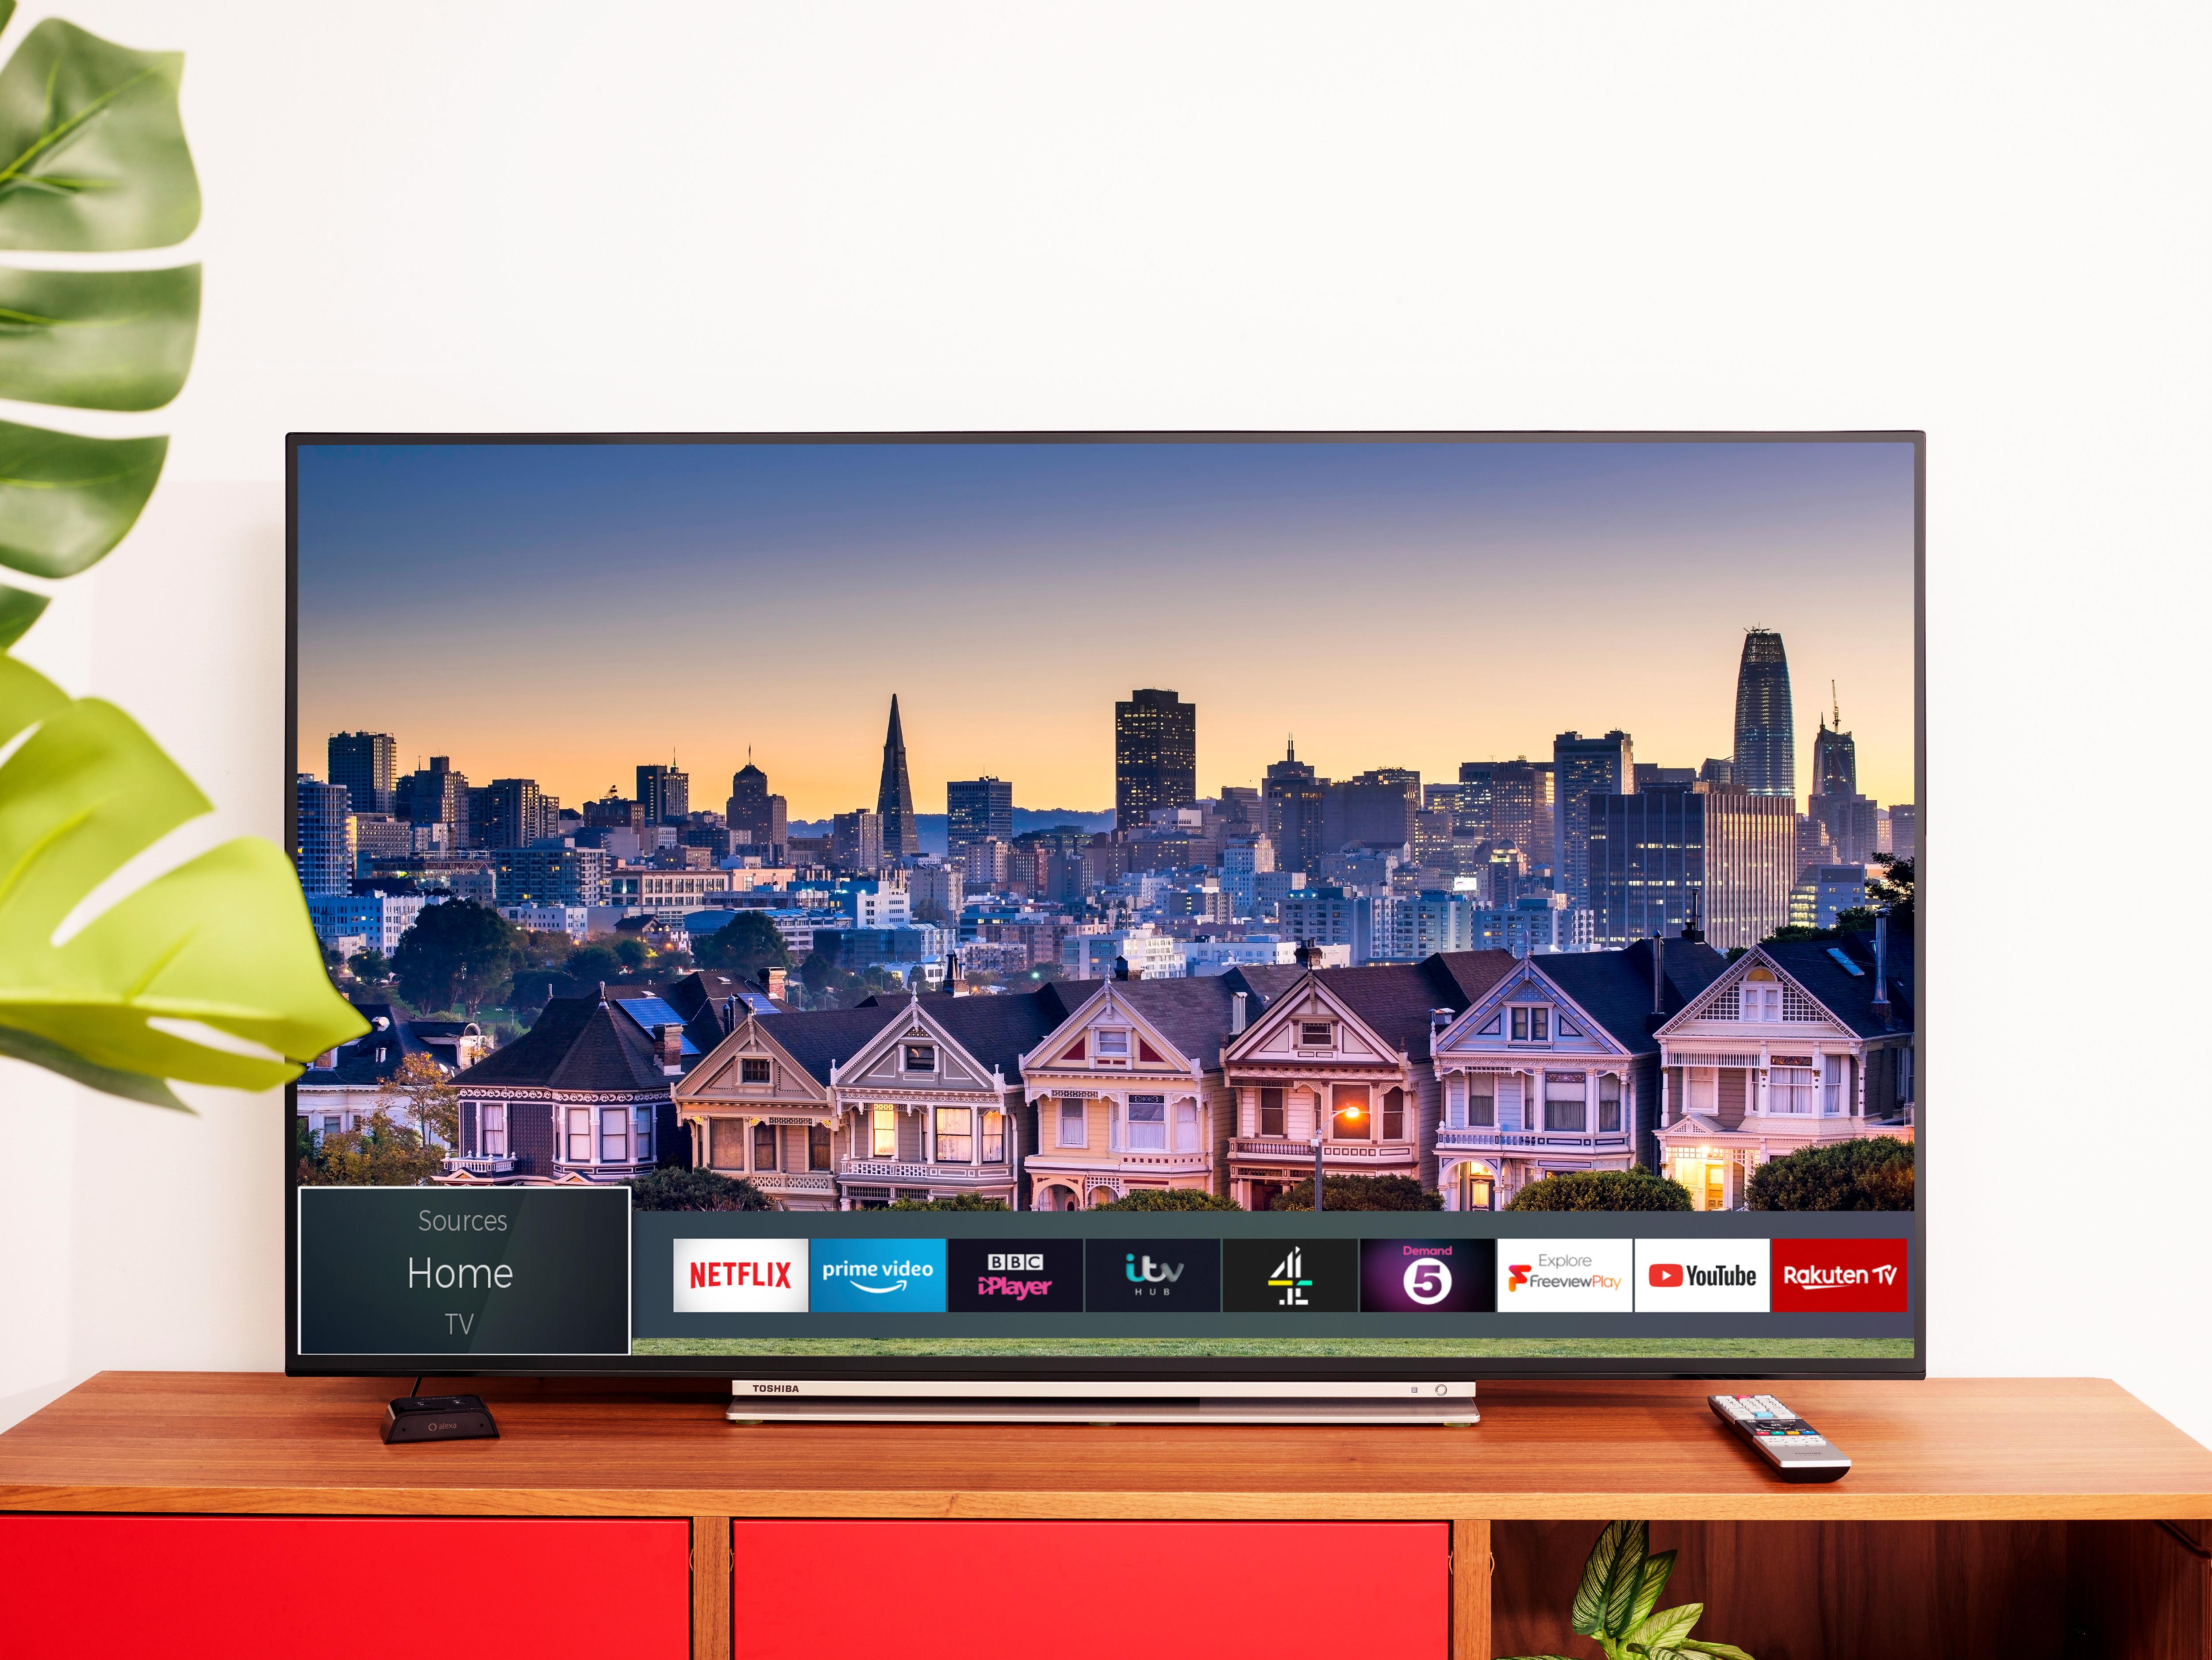 سلسلة توشيبا التلفزيونية الجديدة الرياضية ذات شاشات عالية الدقة 4K HDR